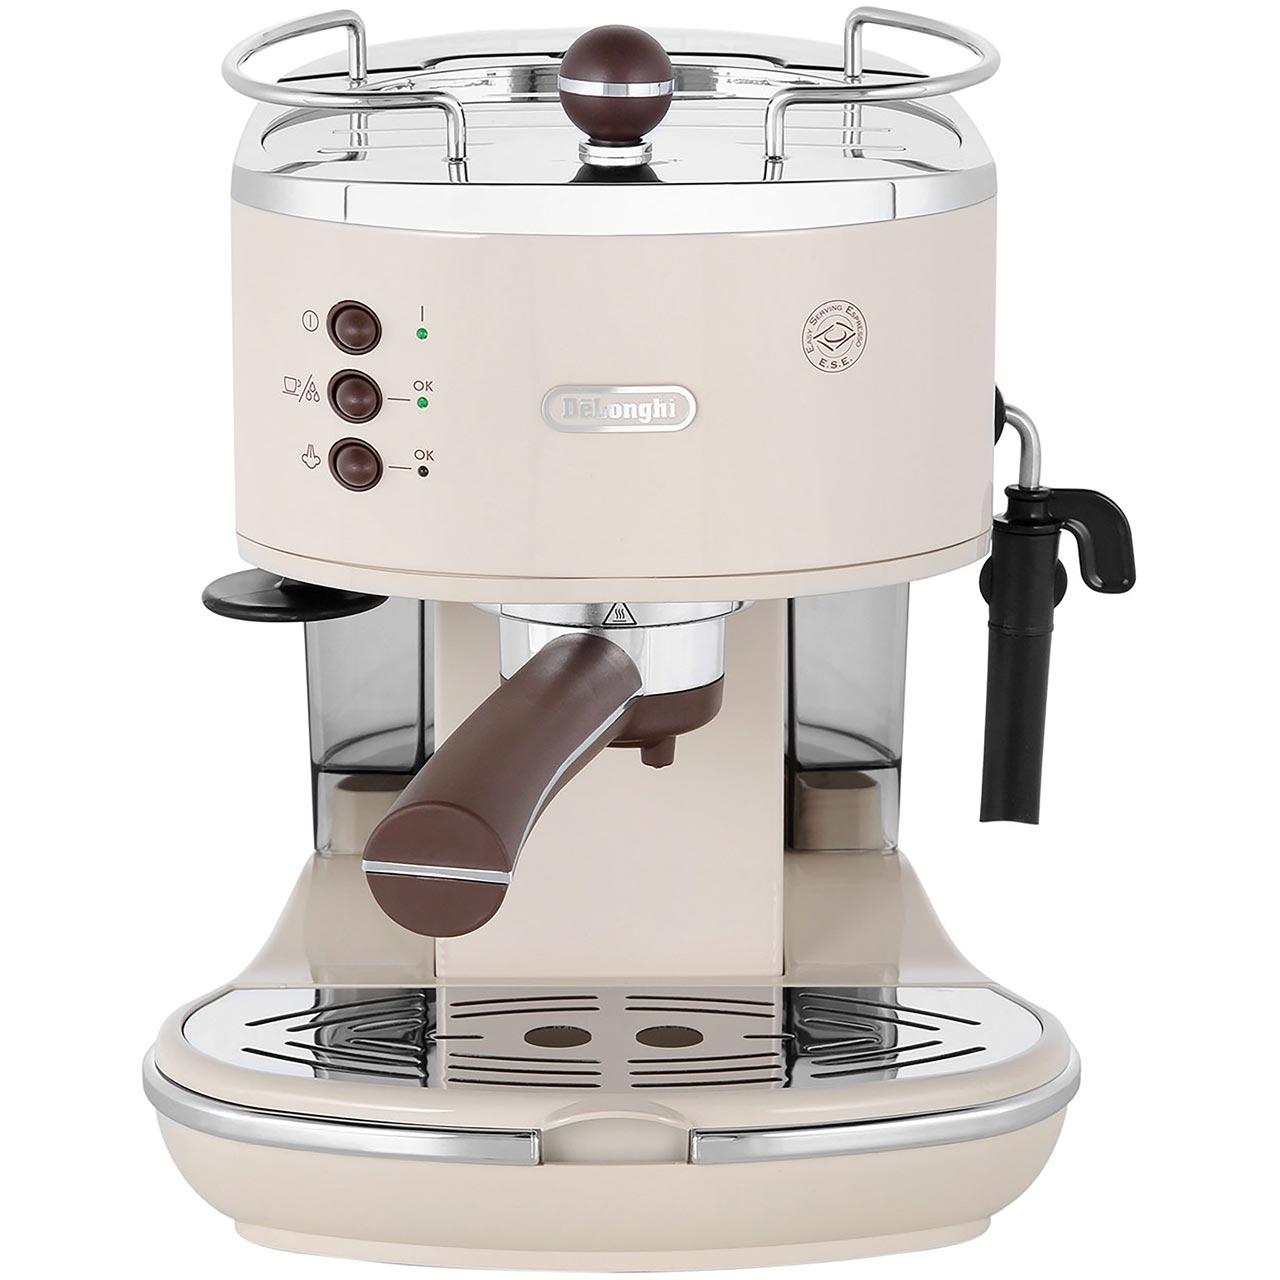 De'Longhi Icona Vintage ECOV311.BG Espresso Coffee Machine £99 @ ao.com